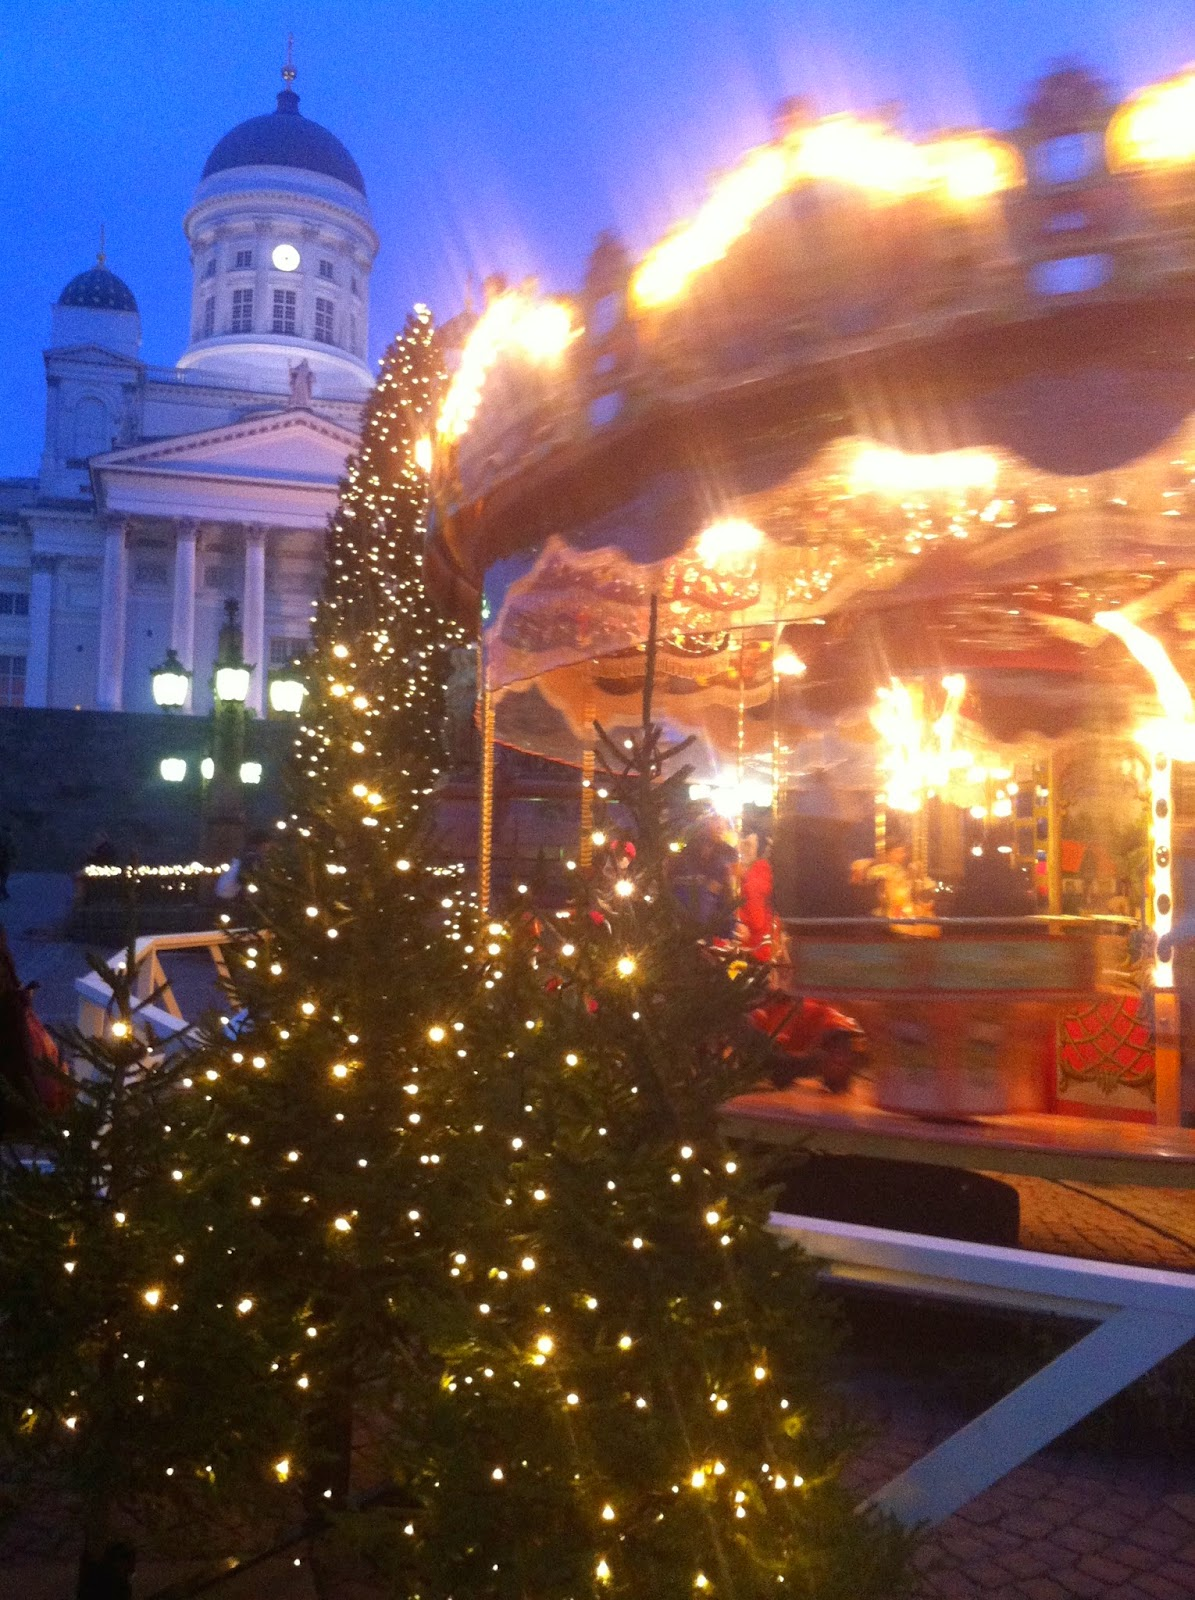 karusellikuja, tuomaanmarkkinat, joulumarkkinat, tuomiokirkko, christmasmarket, carusel, joulukuusi, christmasthree